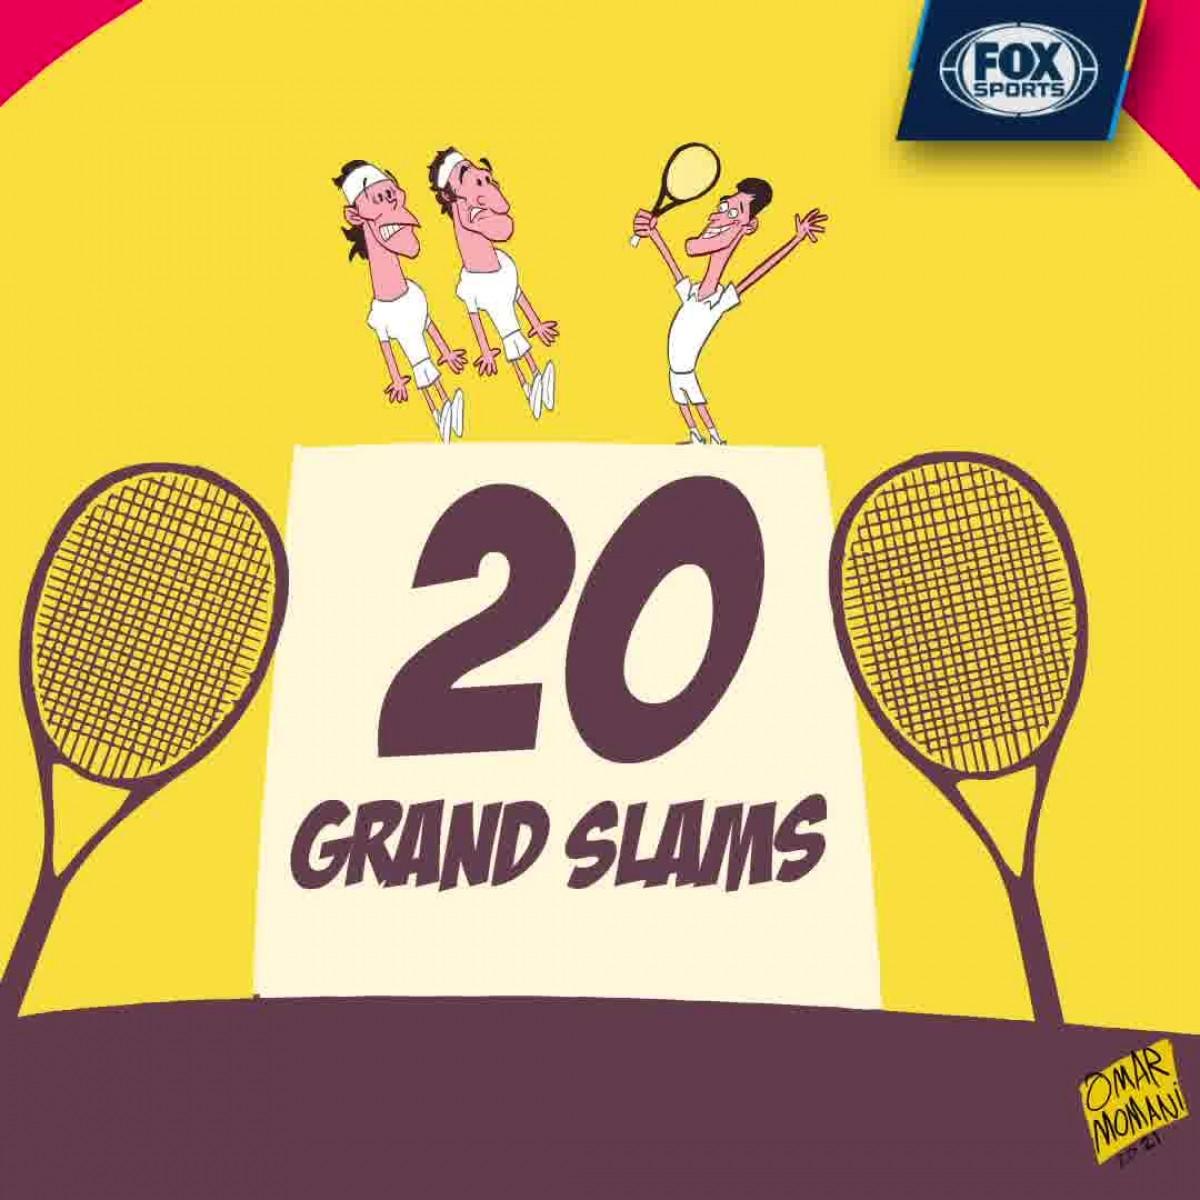 Djokovic thậm chí còn tràn đầy cơ hội để trở thành tay vợt vĩ đại nhất mọi thời đại./.